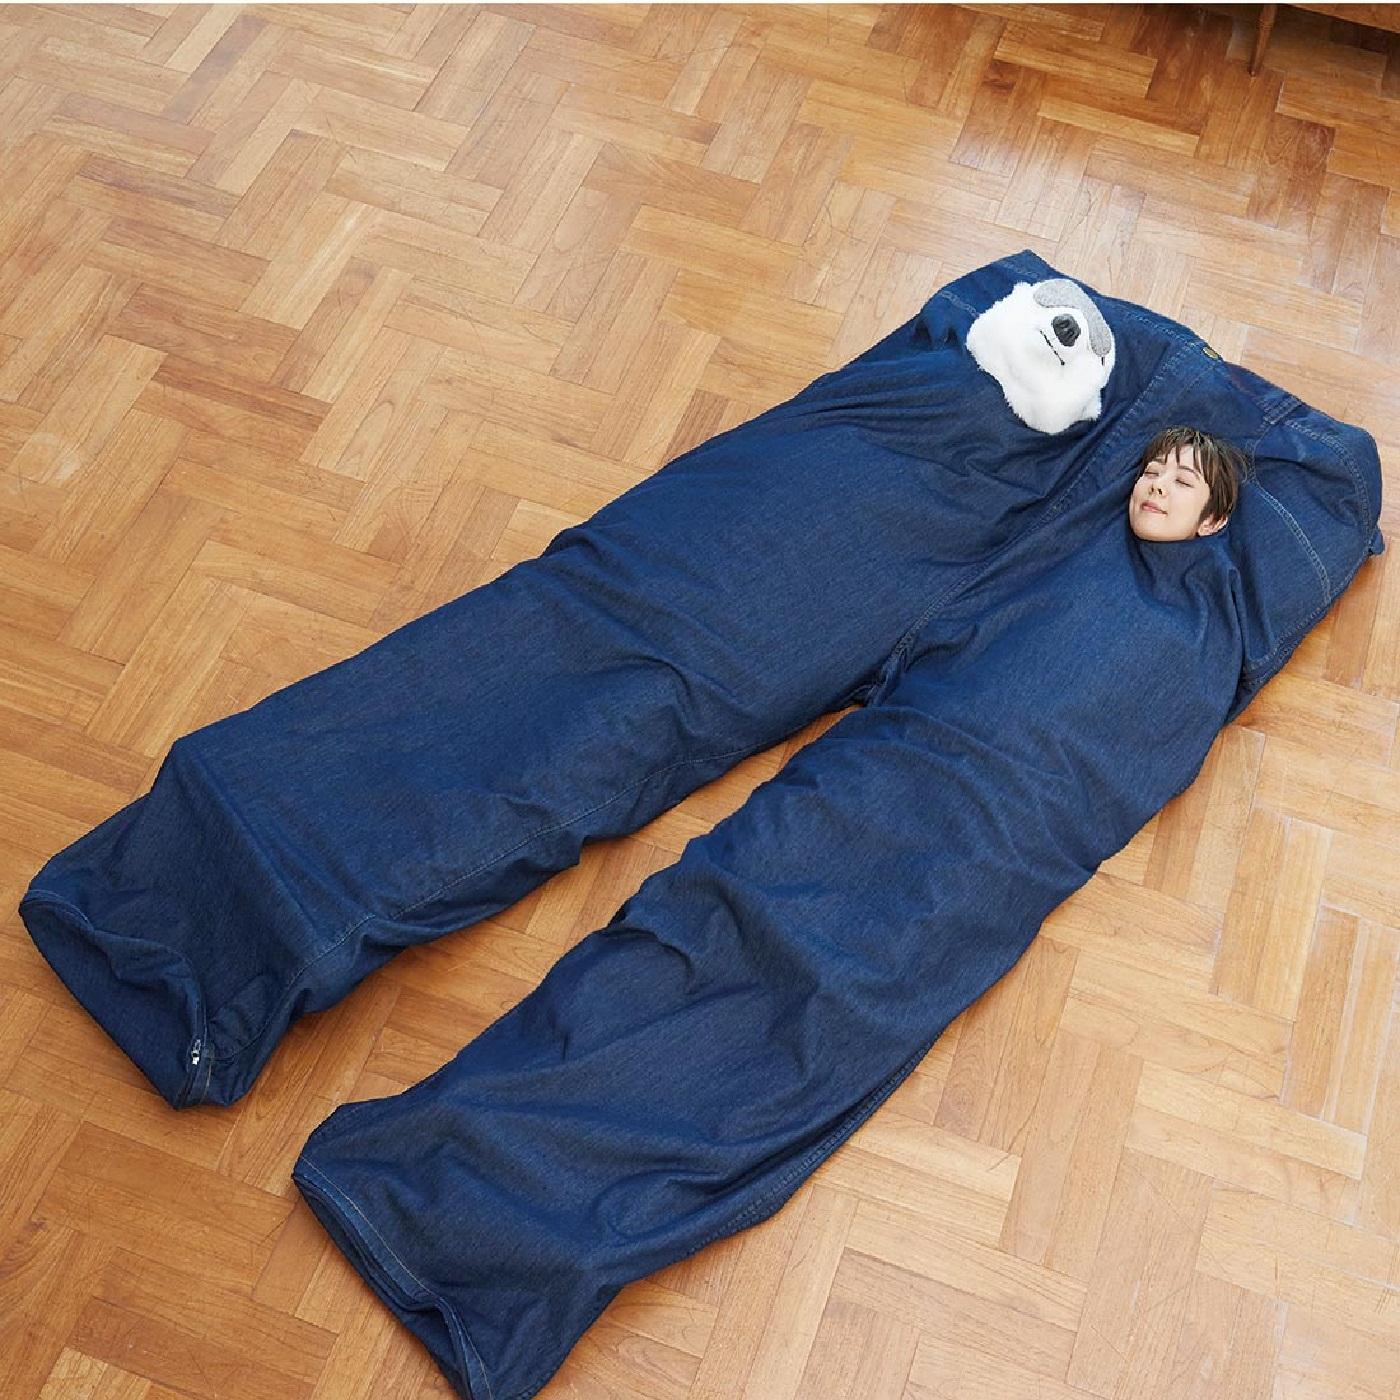 フェリシモ リブ イン コンフォートぬくぬく包まれてしあわせな裏ボア超ビッグ寝袋セット〈二人用〉